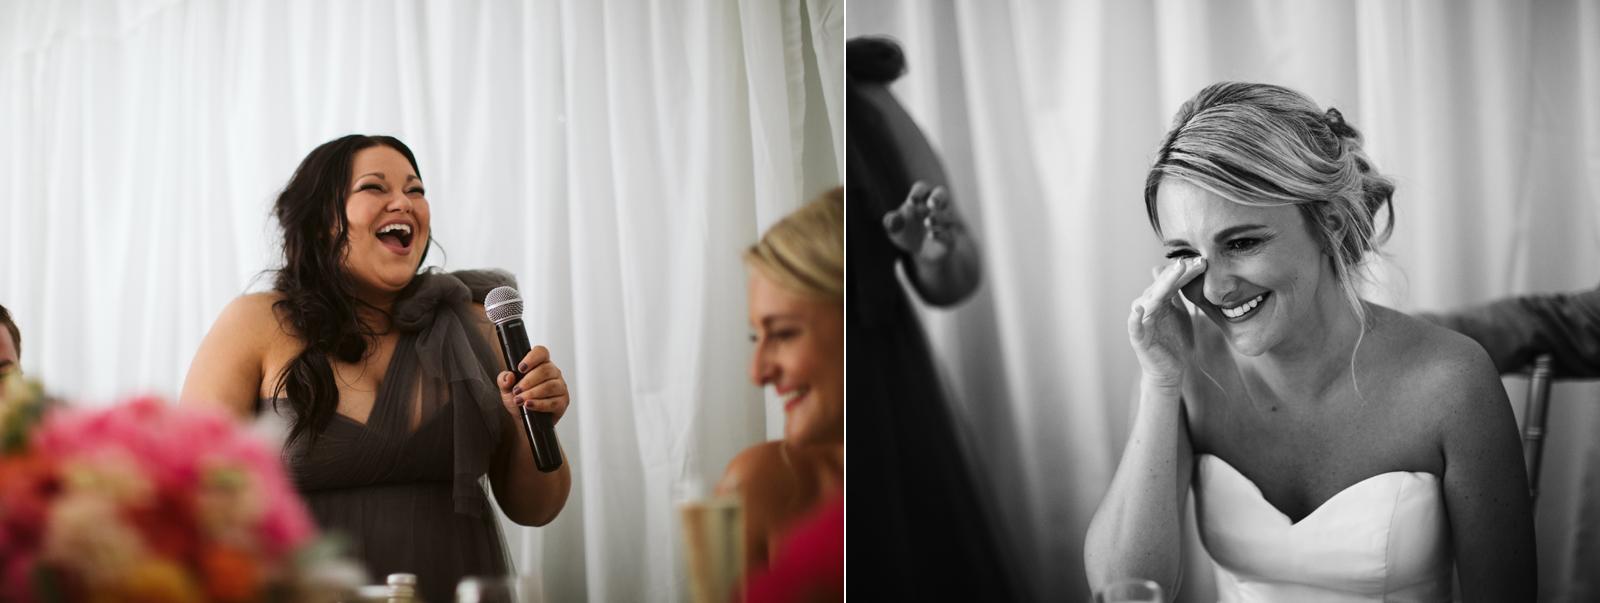 137-daronjackson-gabby-alec-wedding.jpg